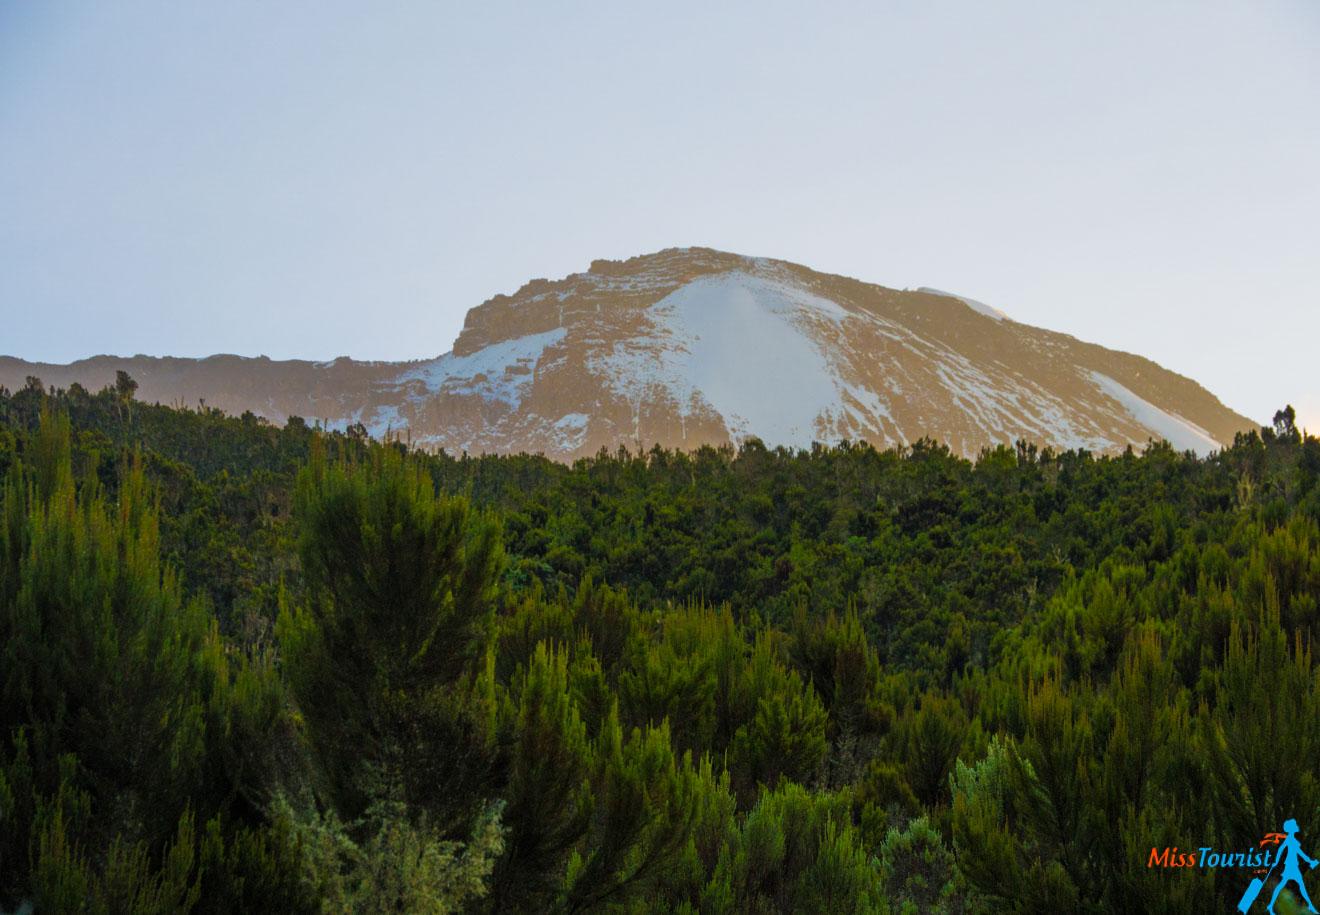 Escalar el Kilimanjaro: 7 cosas que debe saber antes de ir 10